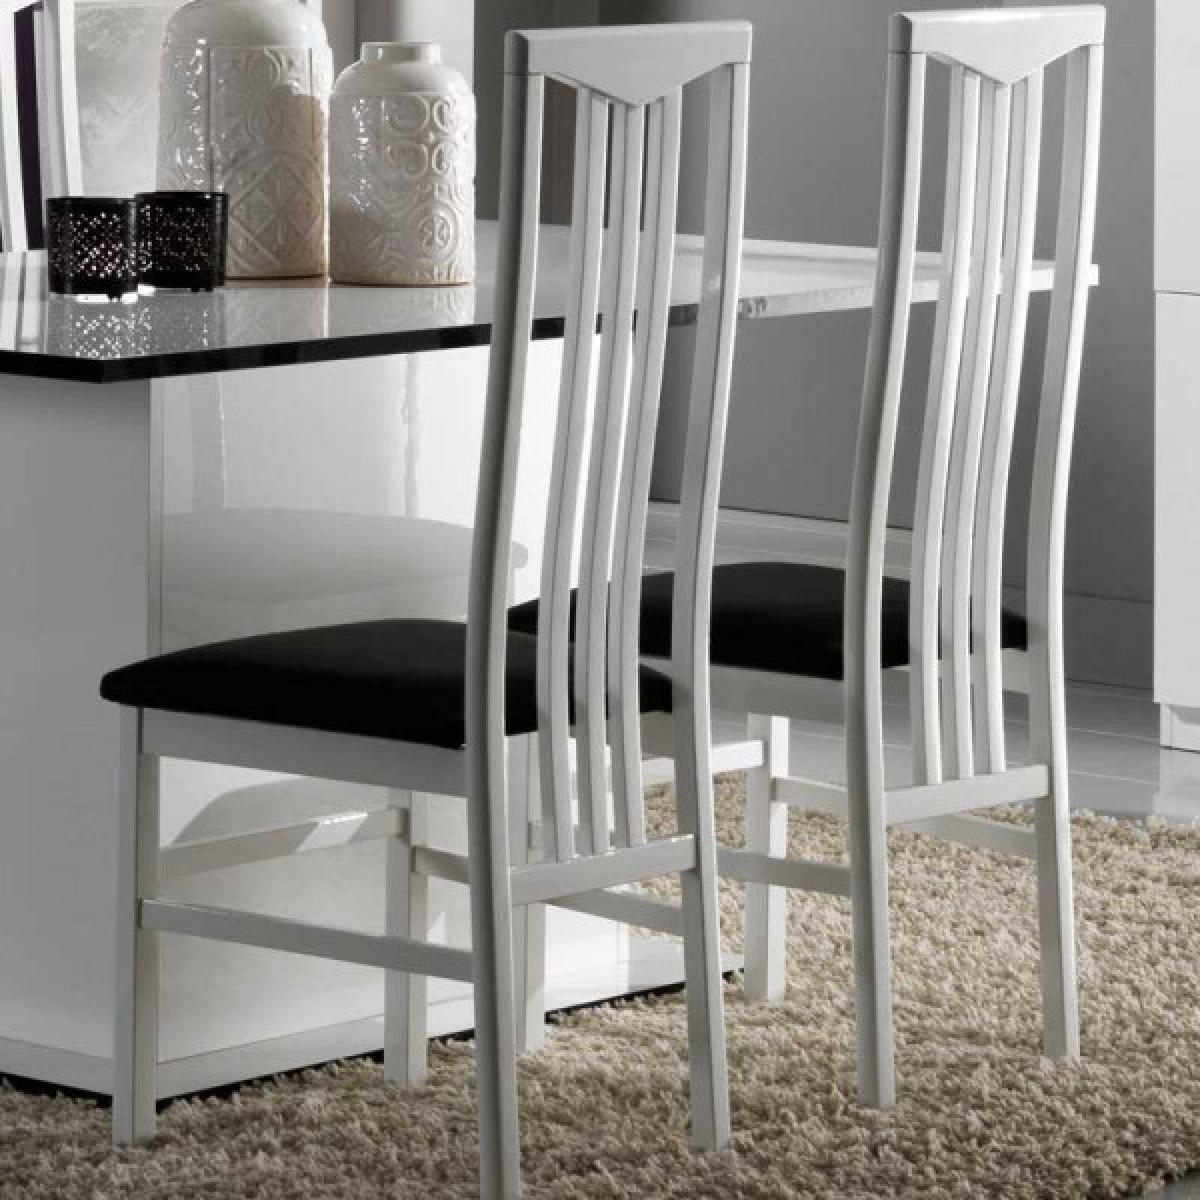 Dansmamaison Duo de chaises Laque Blanc - ZEME - L 46 x l 46 x H 108 cm